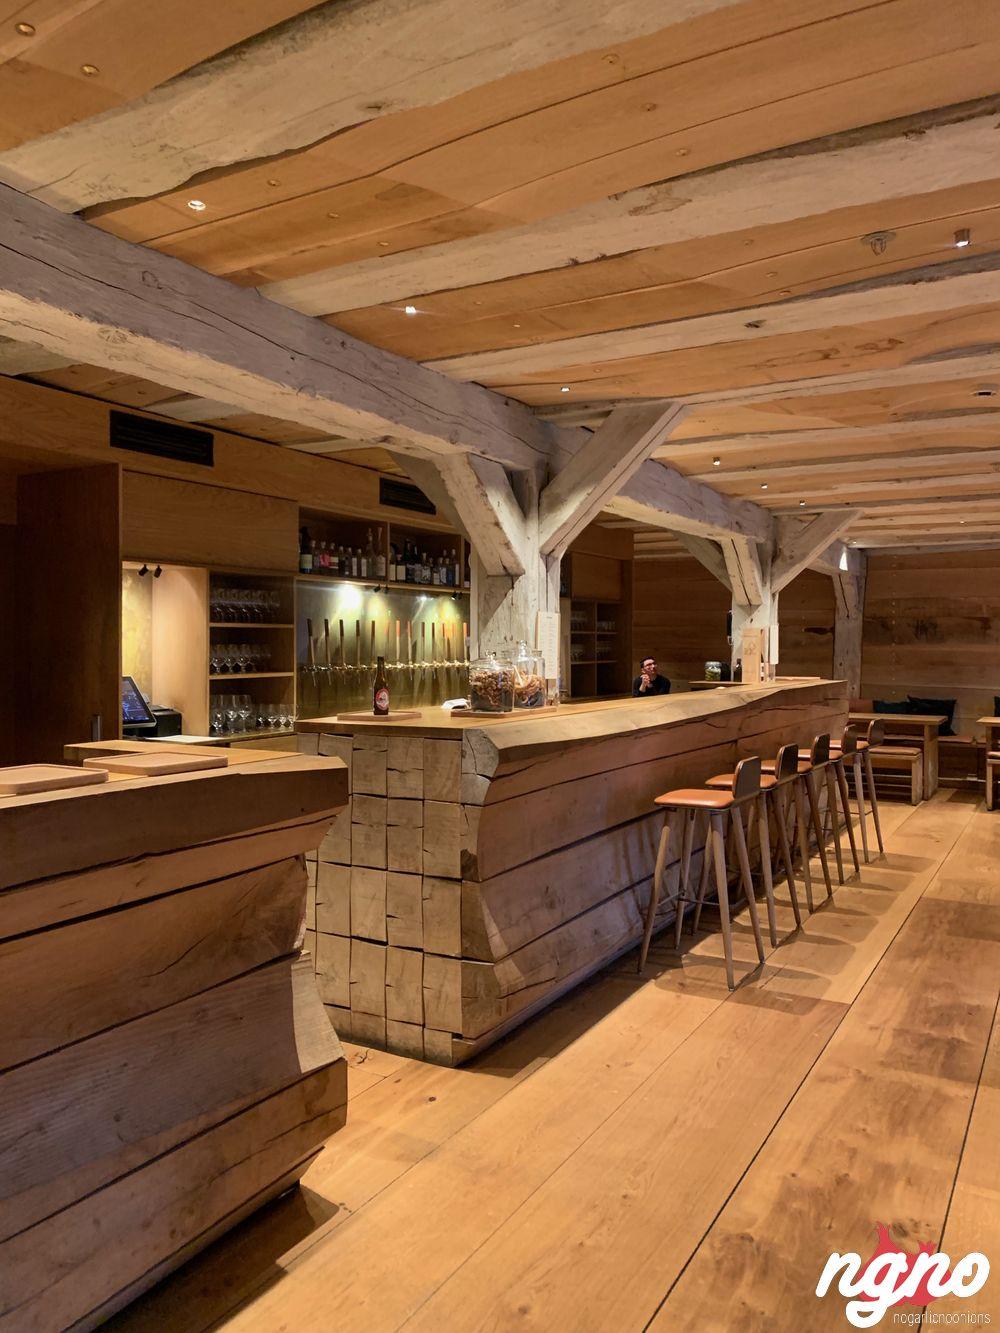 barr-restaurant-copenhagen-nogarlicnoonions-1672019-02-24-08-42-23